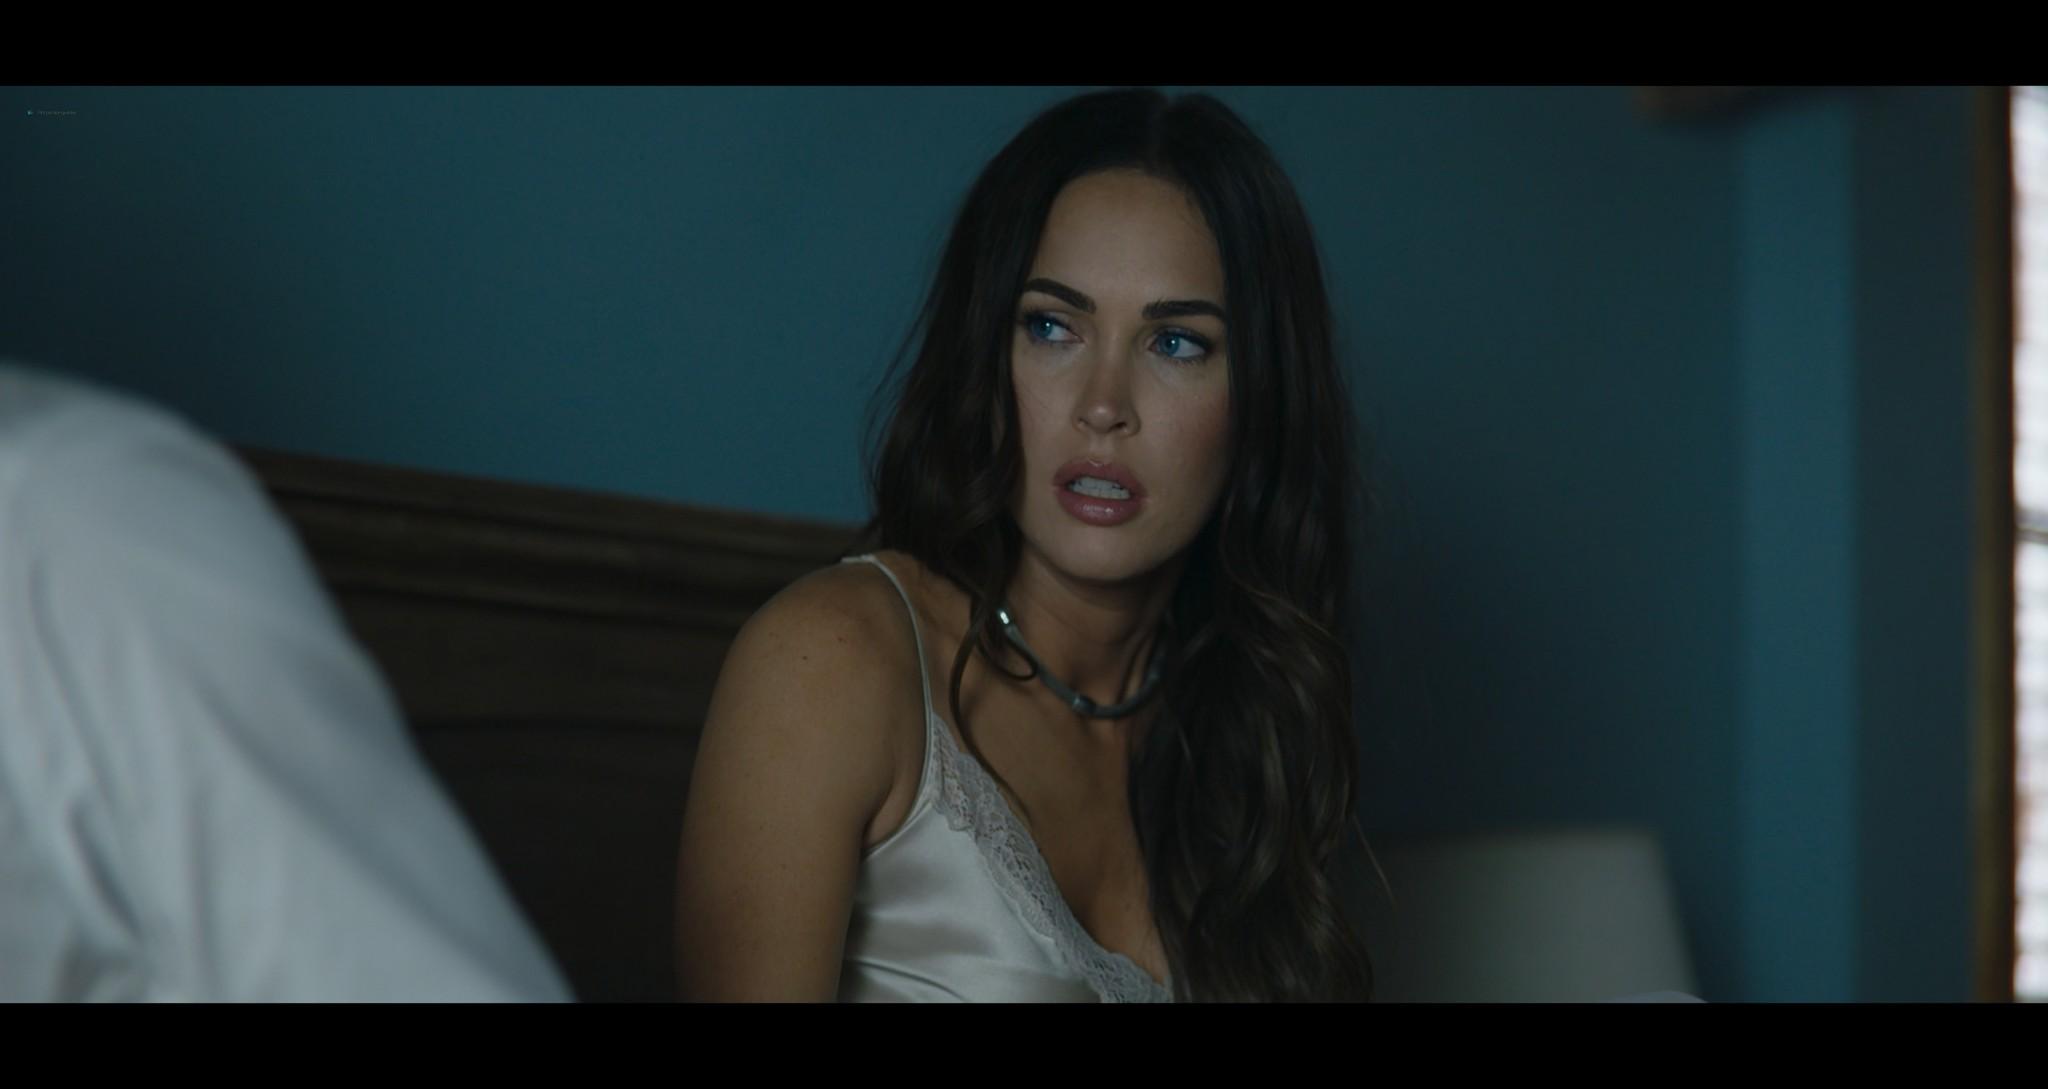 Megan Fox hot and sexy Till Death 2021 4k 2160p Web 10